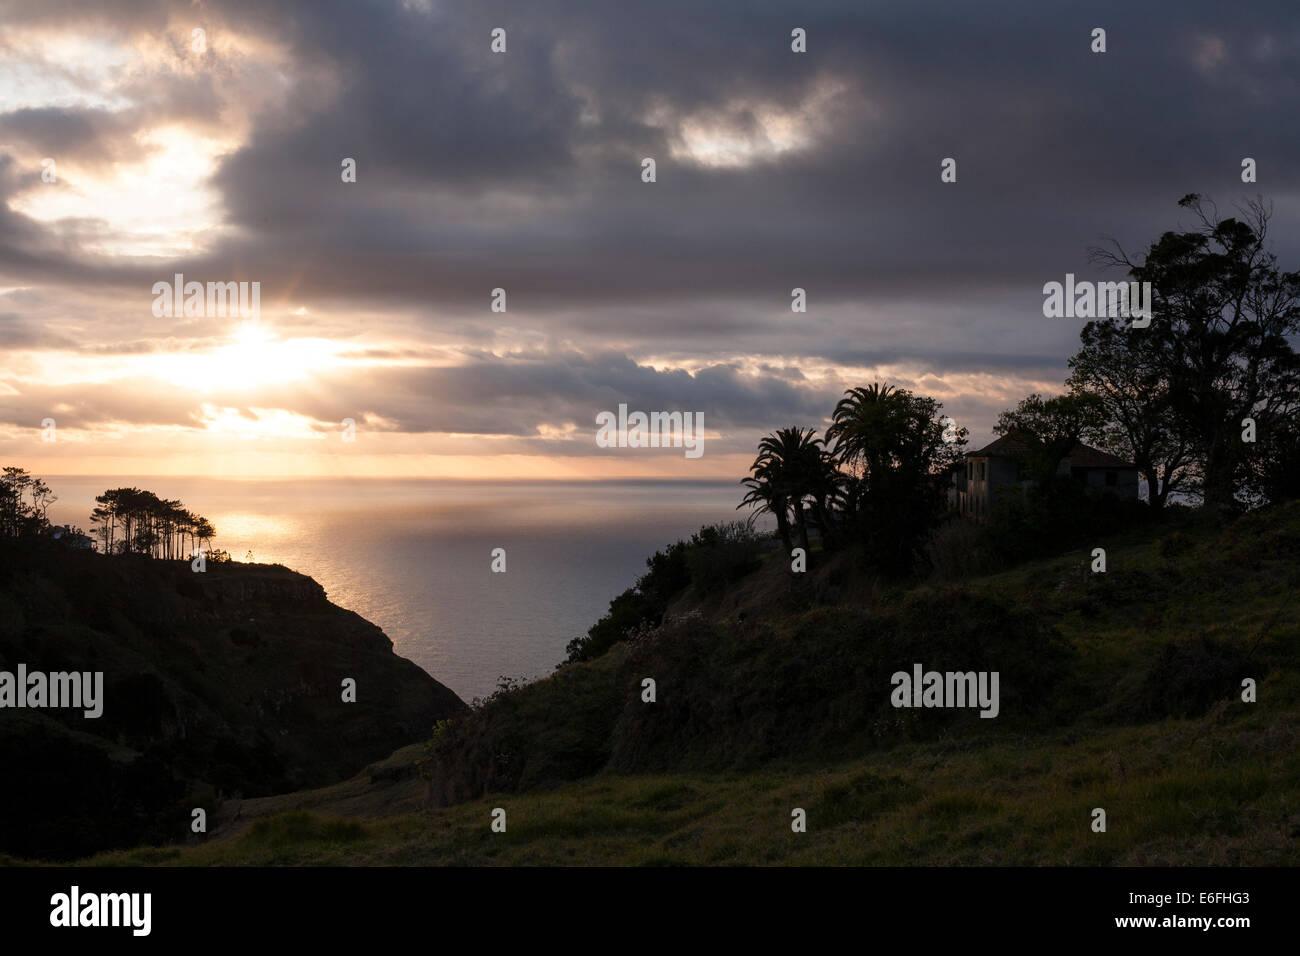 A sunset view down a valley below Serrado near Ponta do Pargo, Madeira. - Stock Image